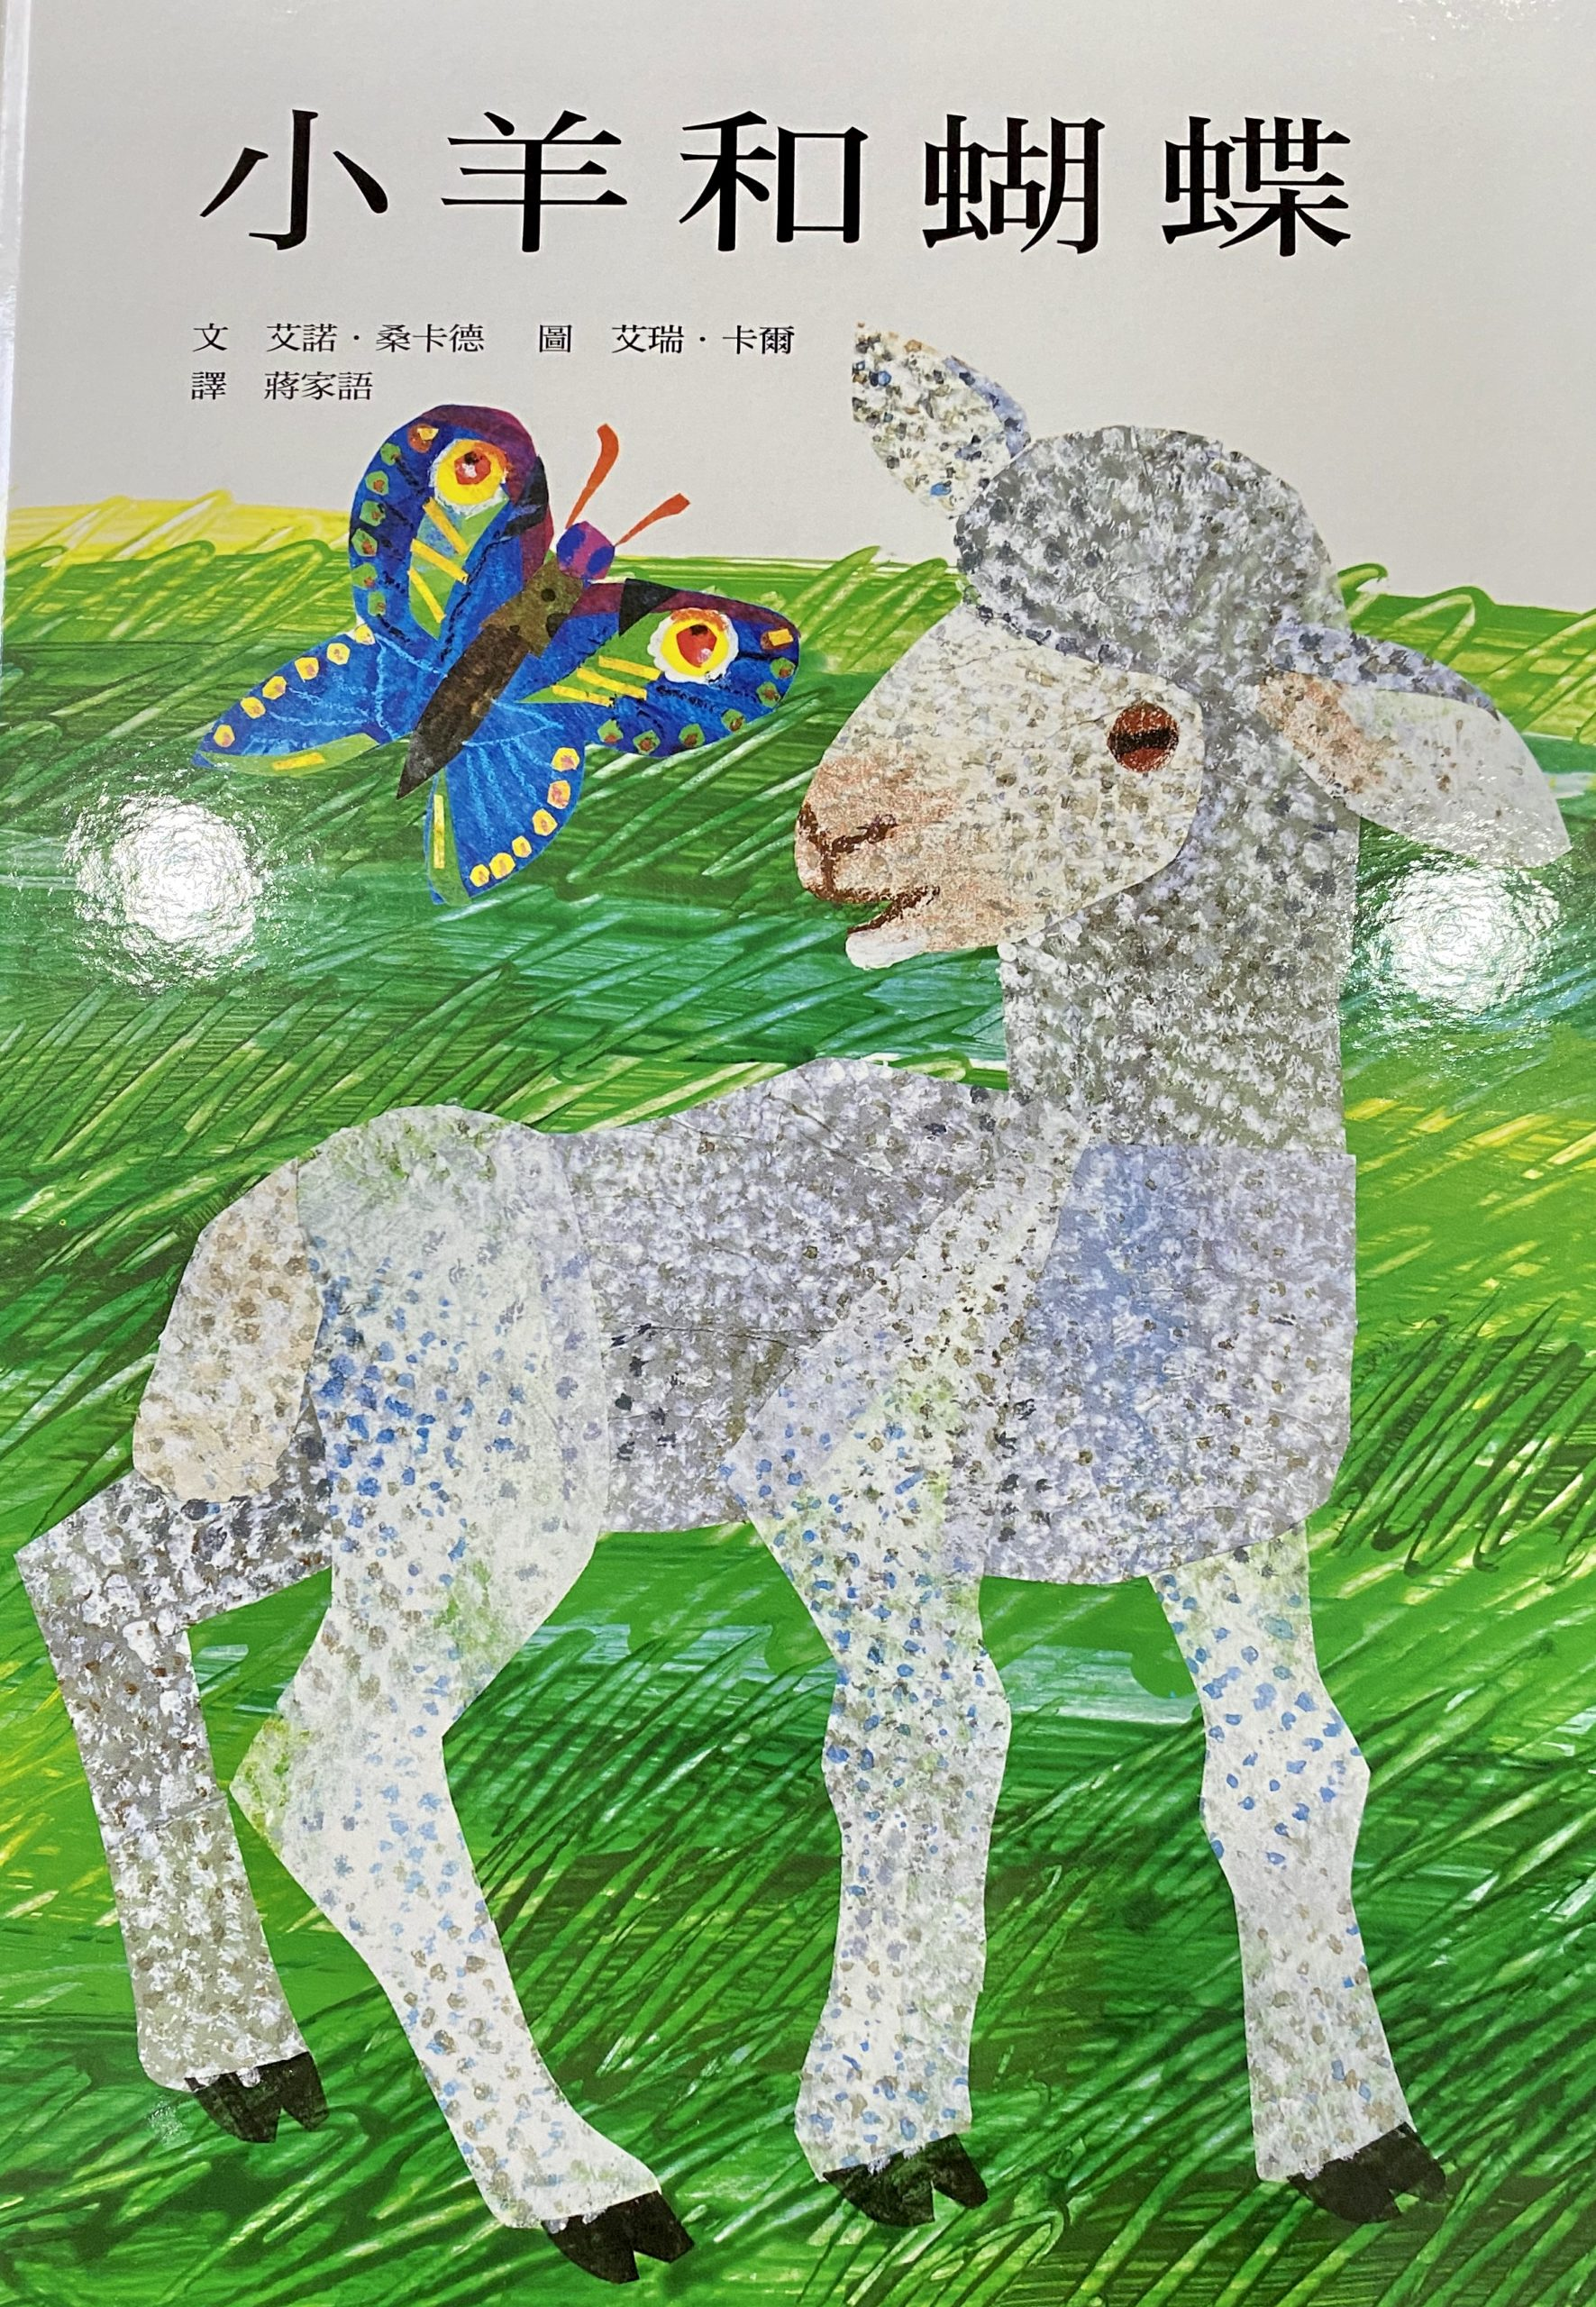 《蘇菲說故事》168 小羊和蝴蝶